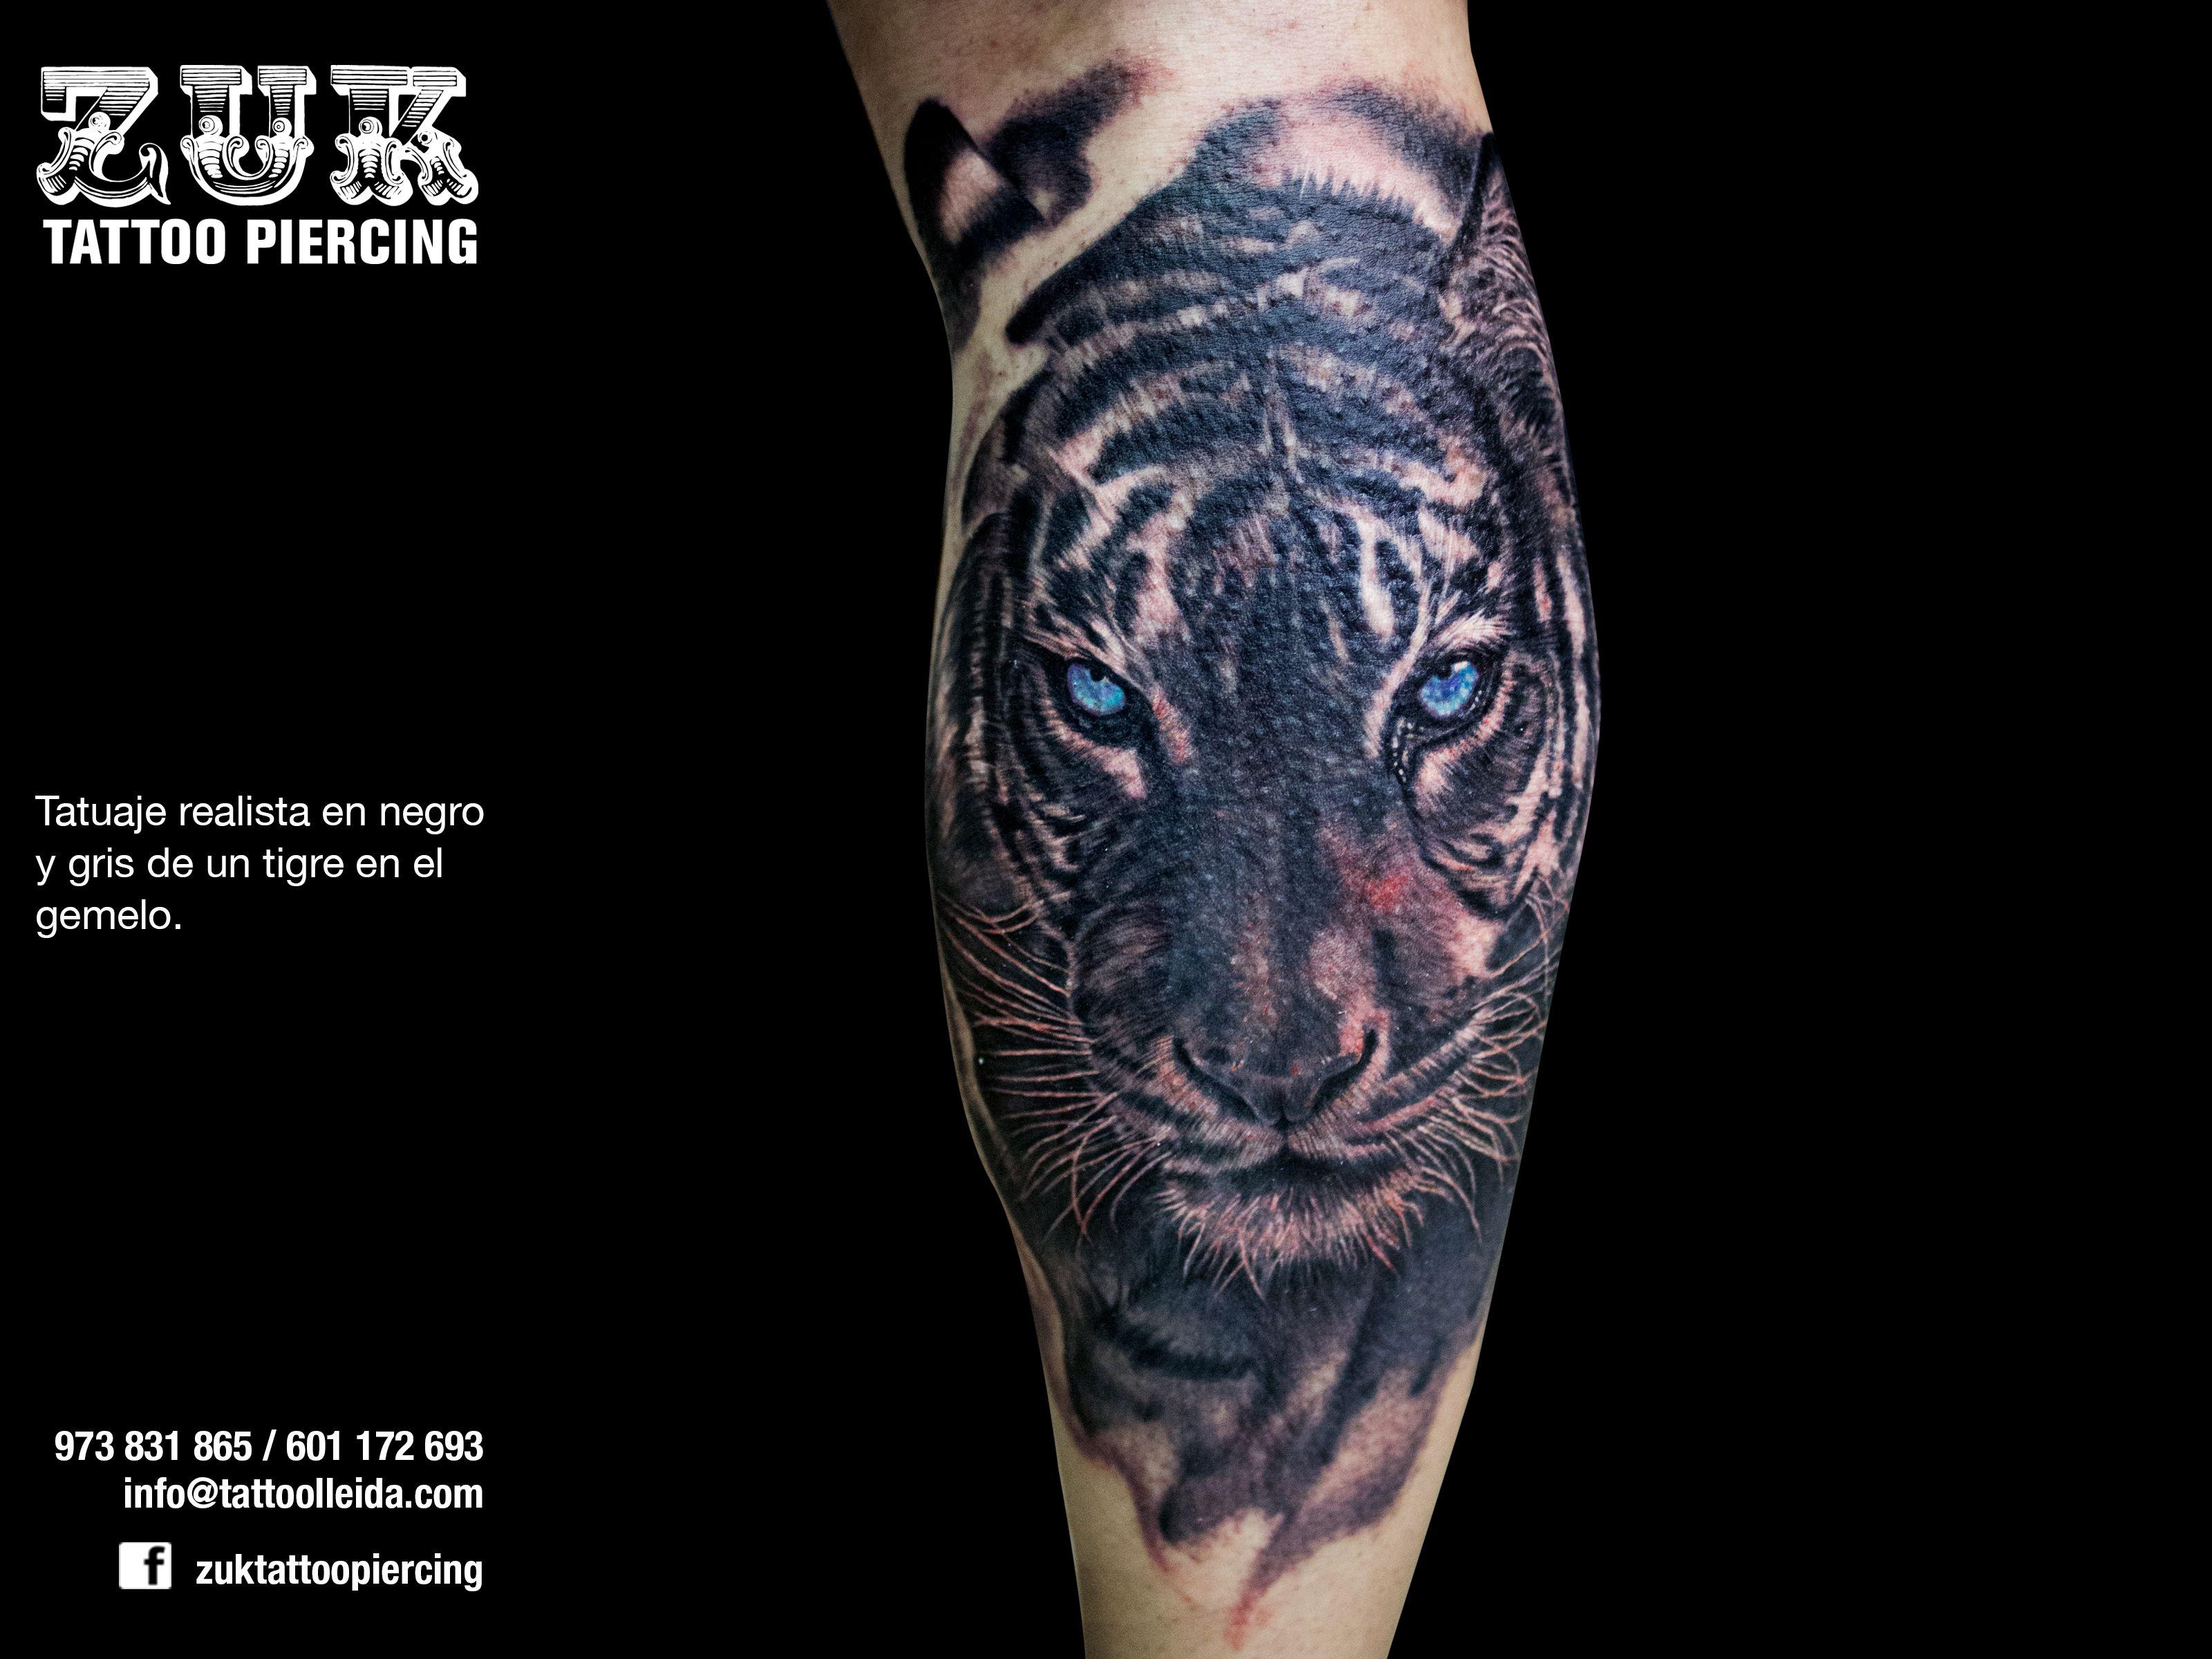 Tatuaje Realista En Negro Y Gris De Un Tigre En El Gemelo Tattoo